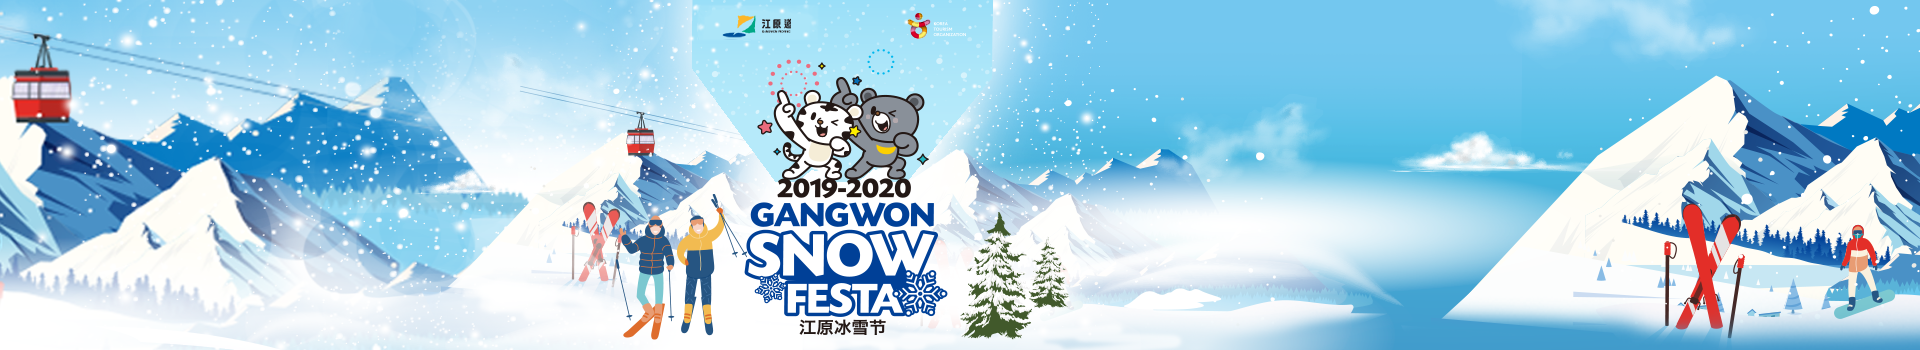 江原道冰雪节滑雪